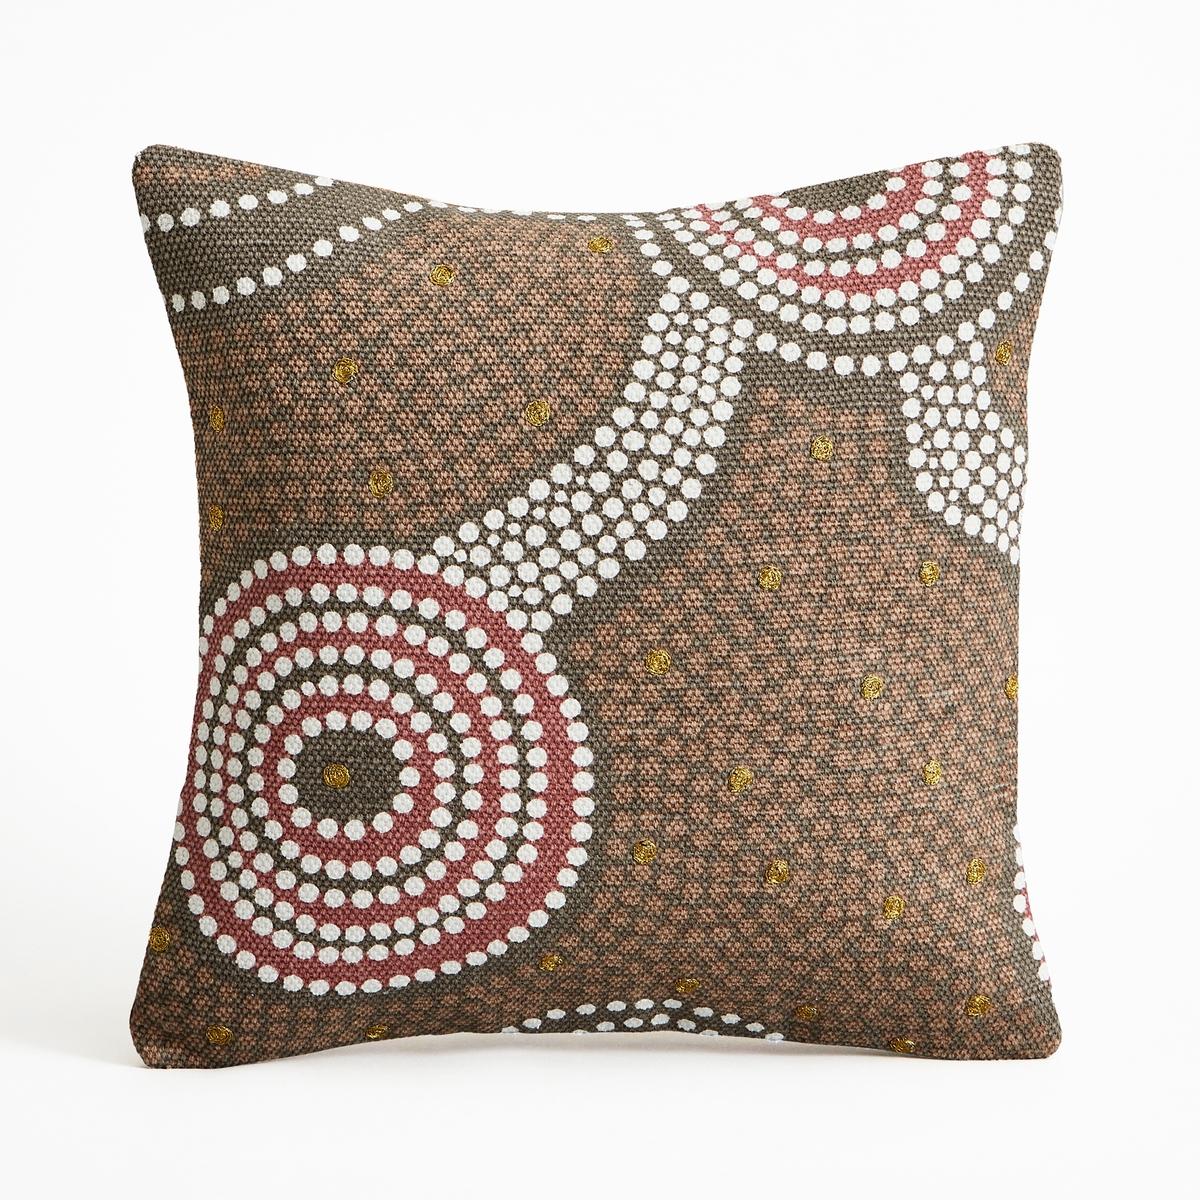 Чехол для подушки, DunollyЧехол для подушки Dunolly. Рисунок точками и стиле наскальных рисунков аборигенов. Однотонная спинка. 100% хлопок. Скрытая застежка на молнию. Размеры : 40 x 40 см.<br><br>Цвет: каштановый